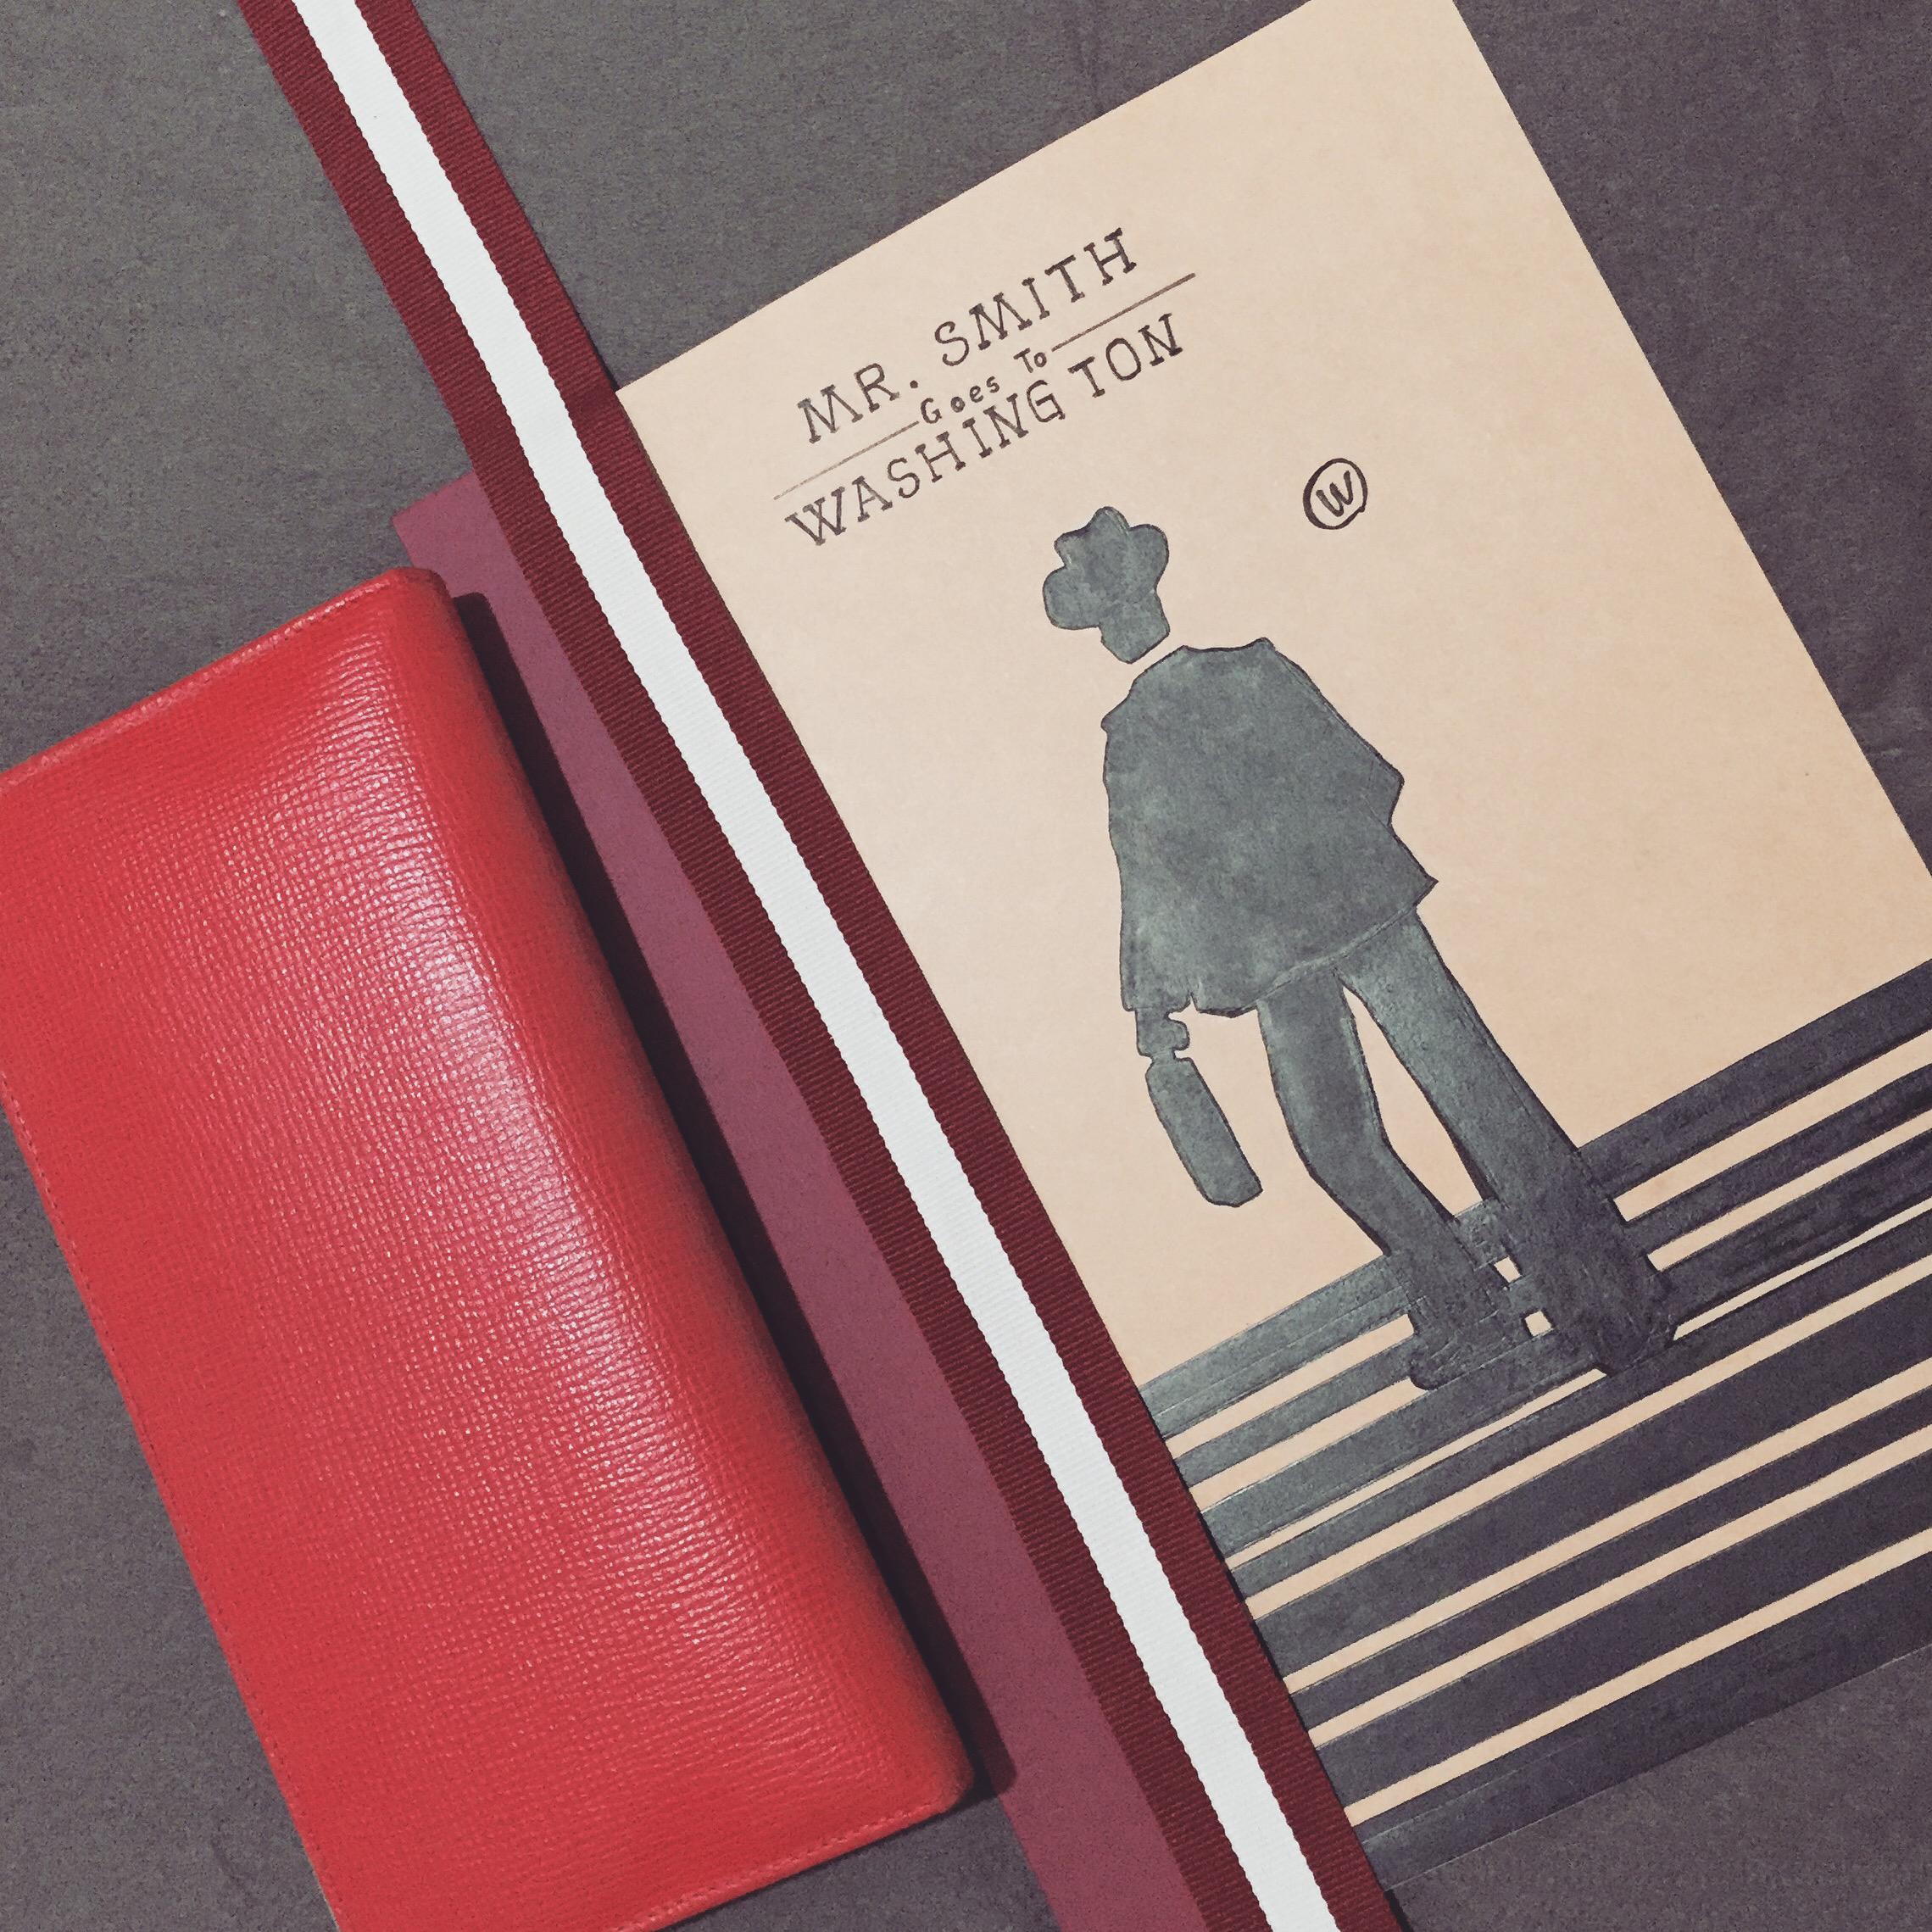 手绘封面笔记本|平面|书装/画册|designerxika - 原创